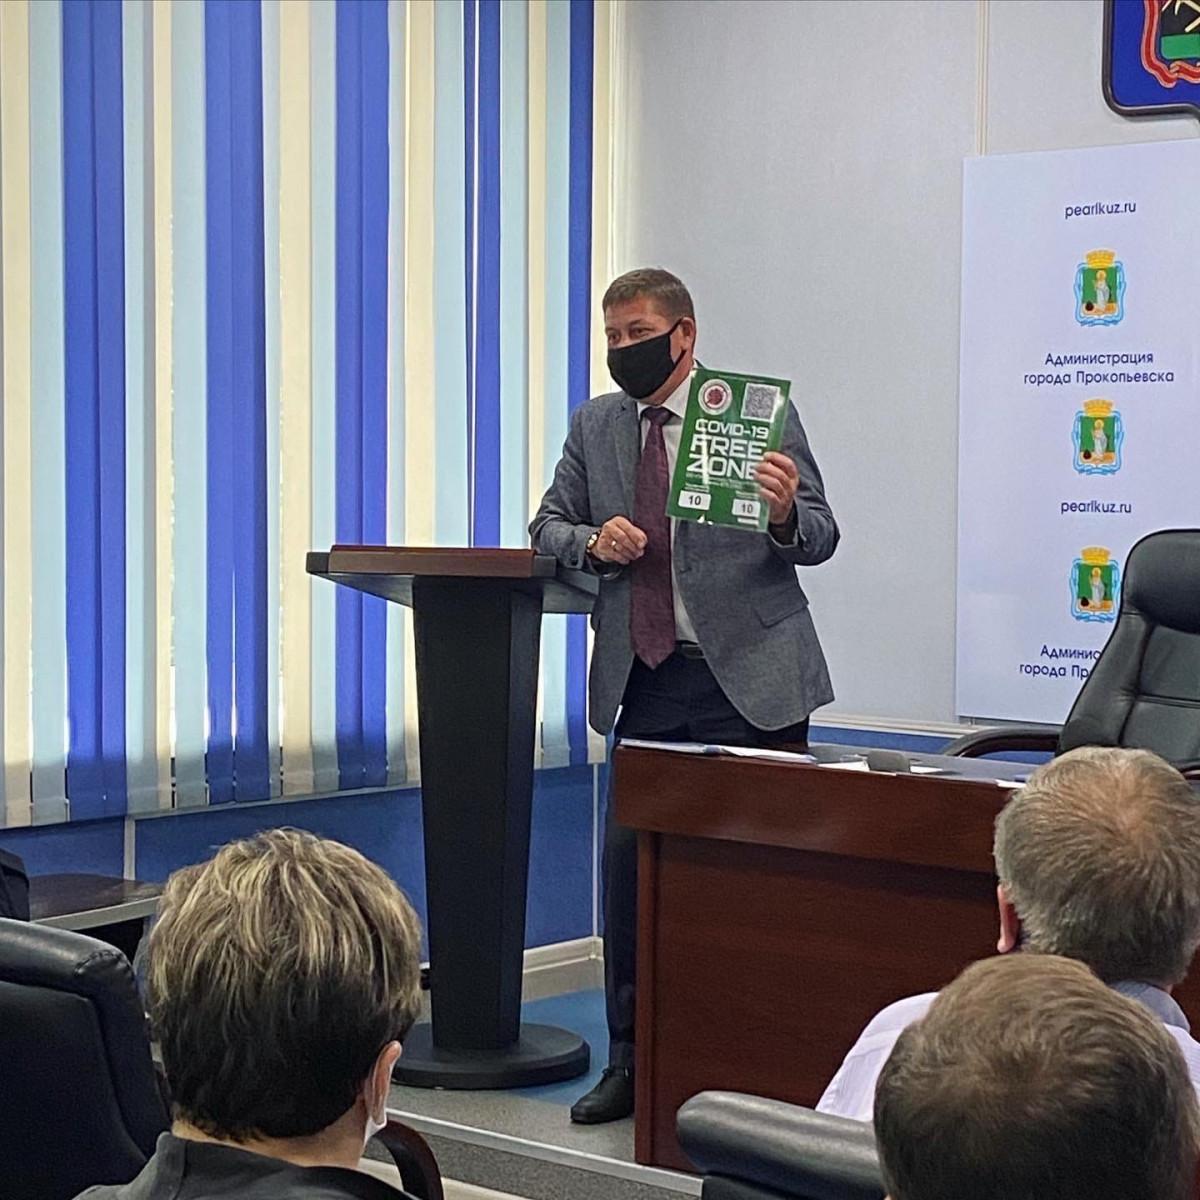 """Четыре предприятия Прокопьевска получили сертификаты о """"бесковидных зонах"""""""